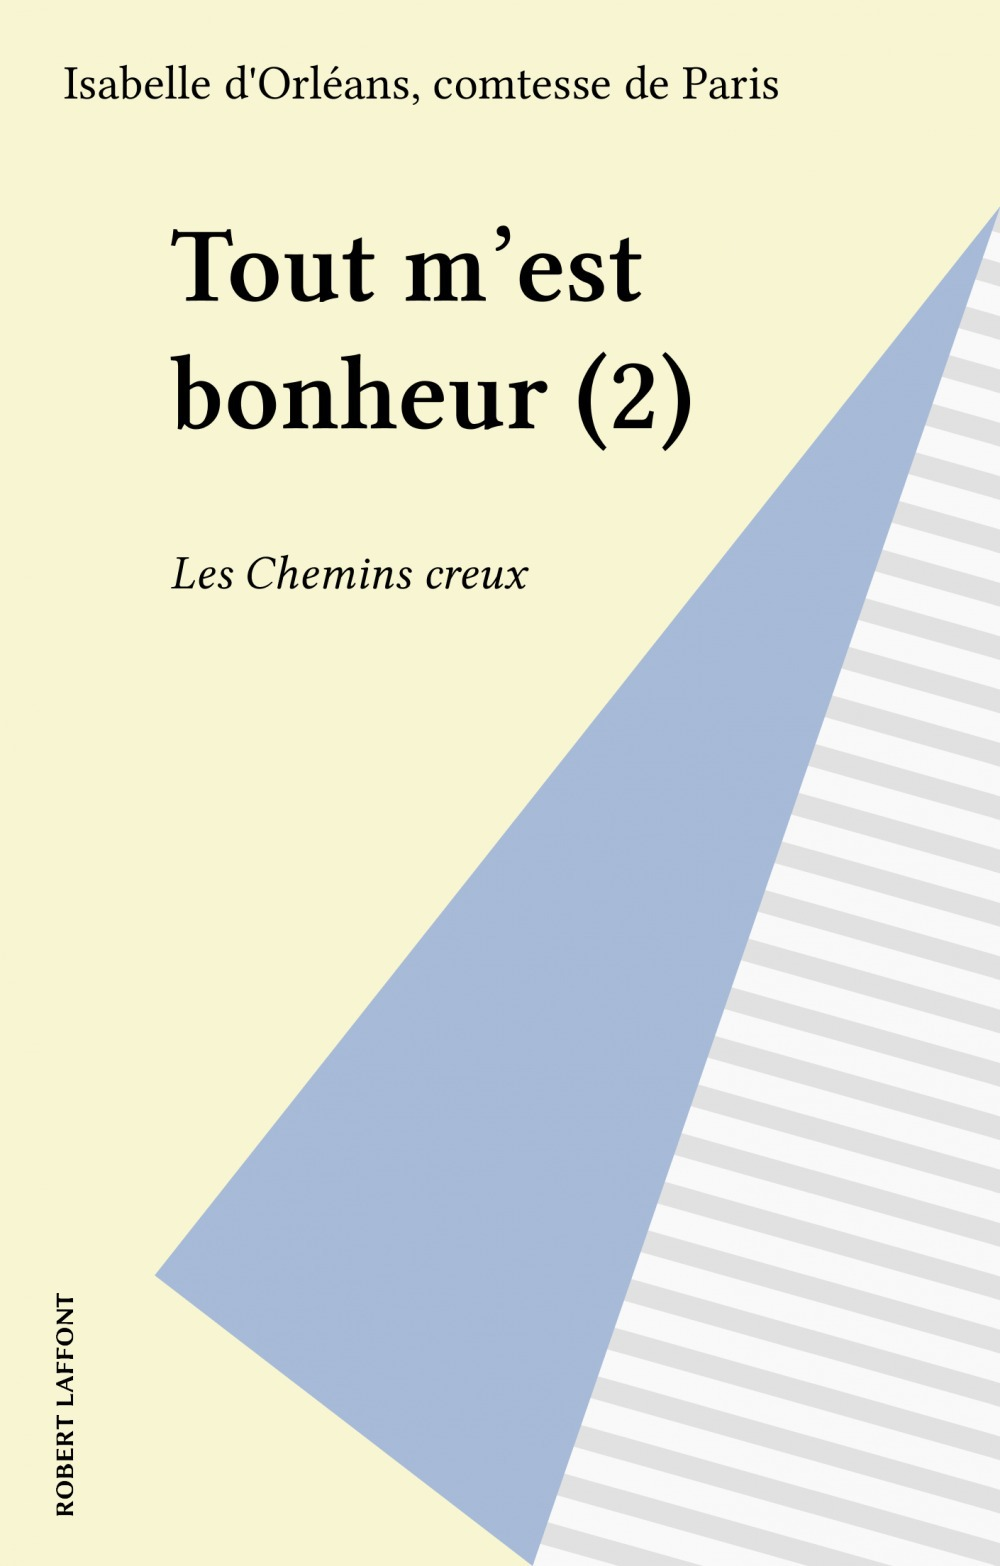 Tout m'est bonheur (2)  - Isabelle d'Orléans (comtesse de) Paris  - Paris I C De